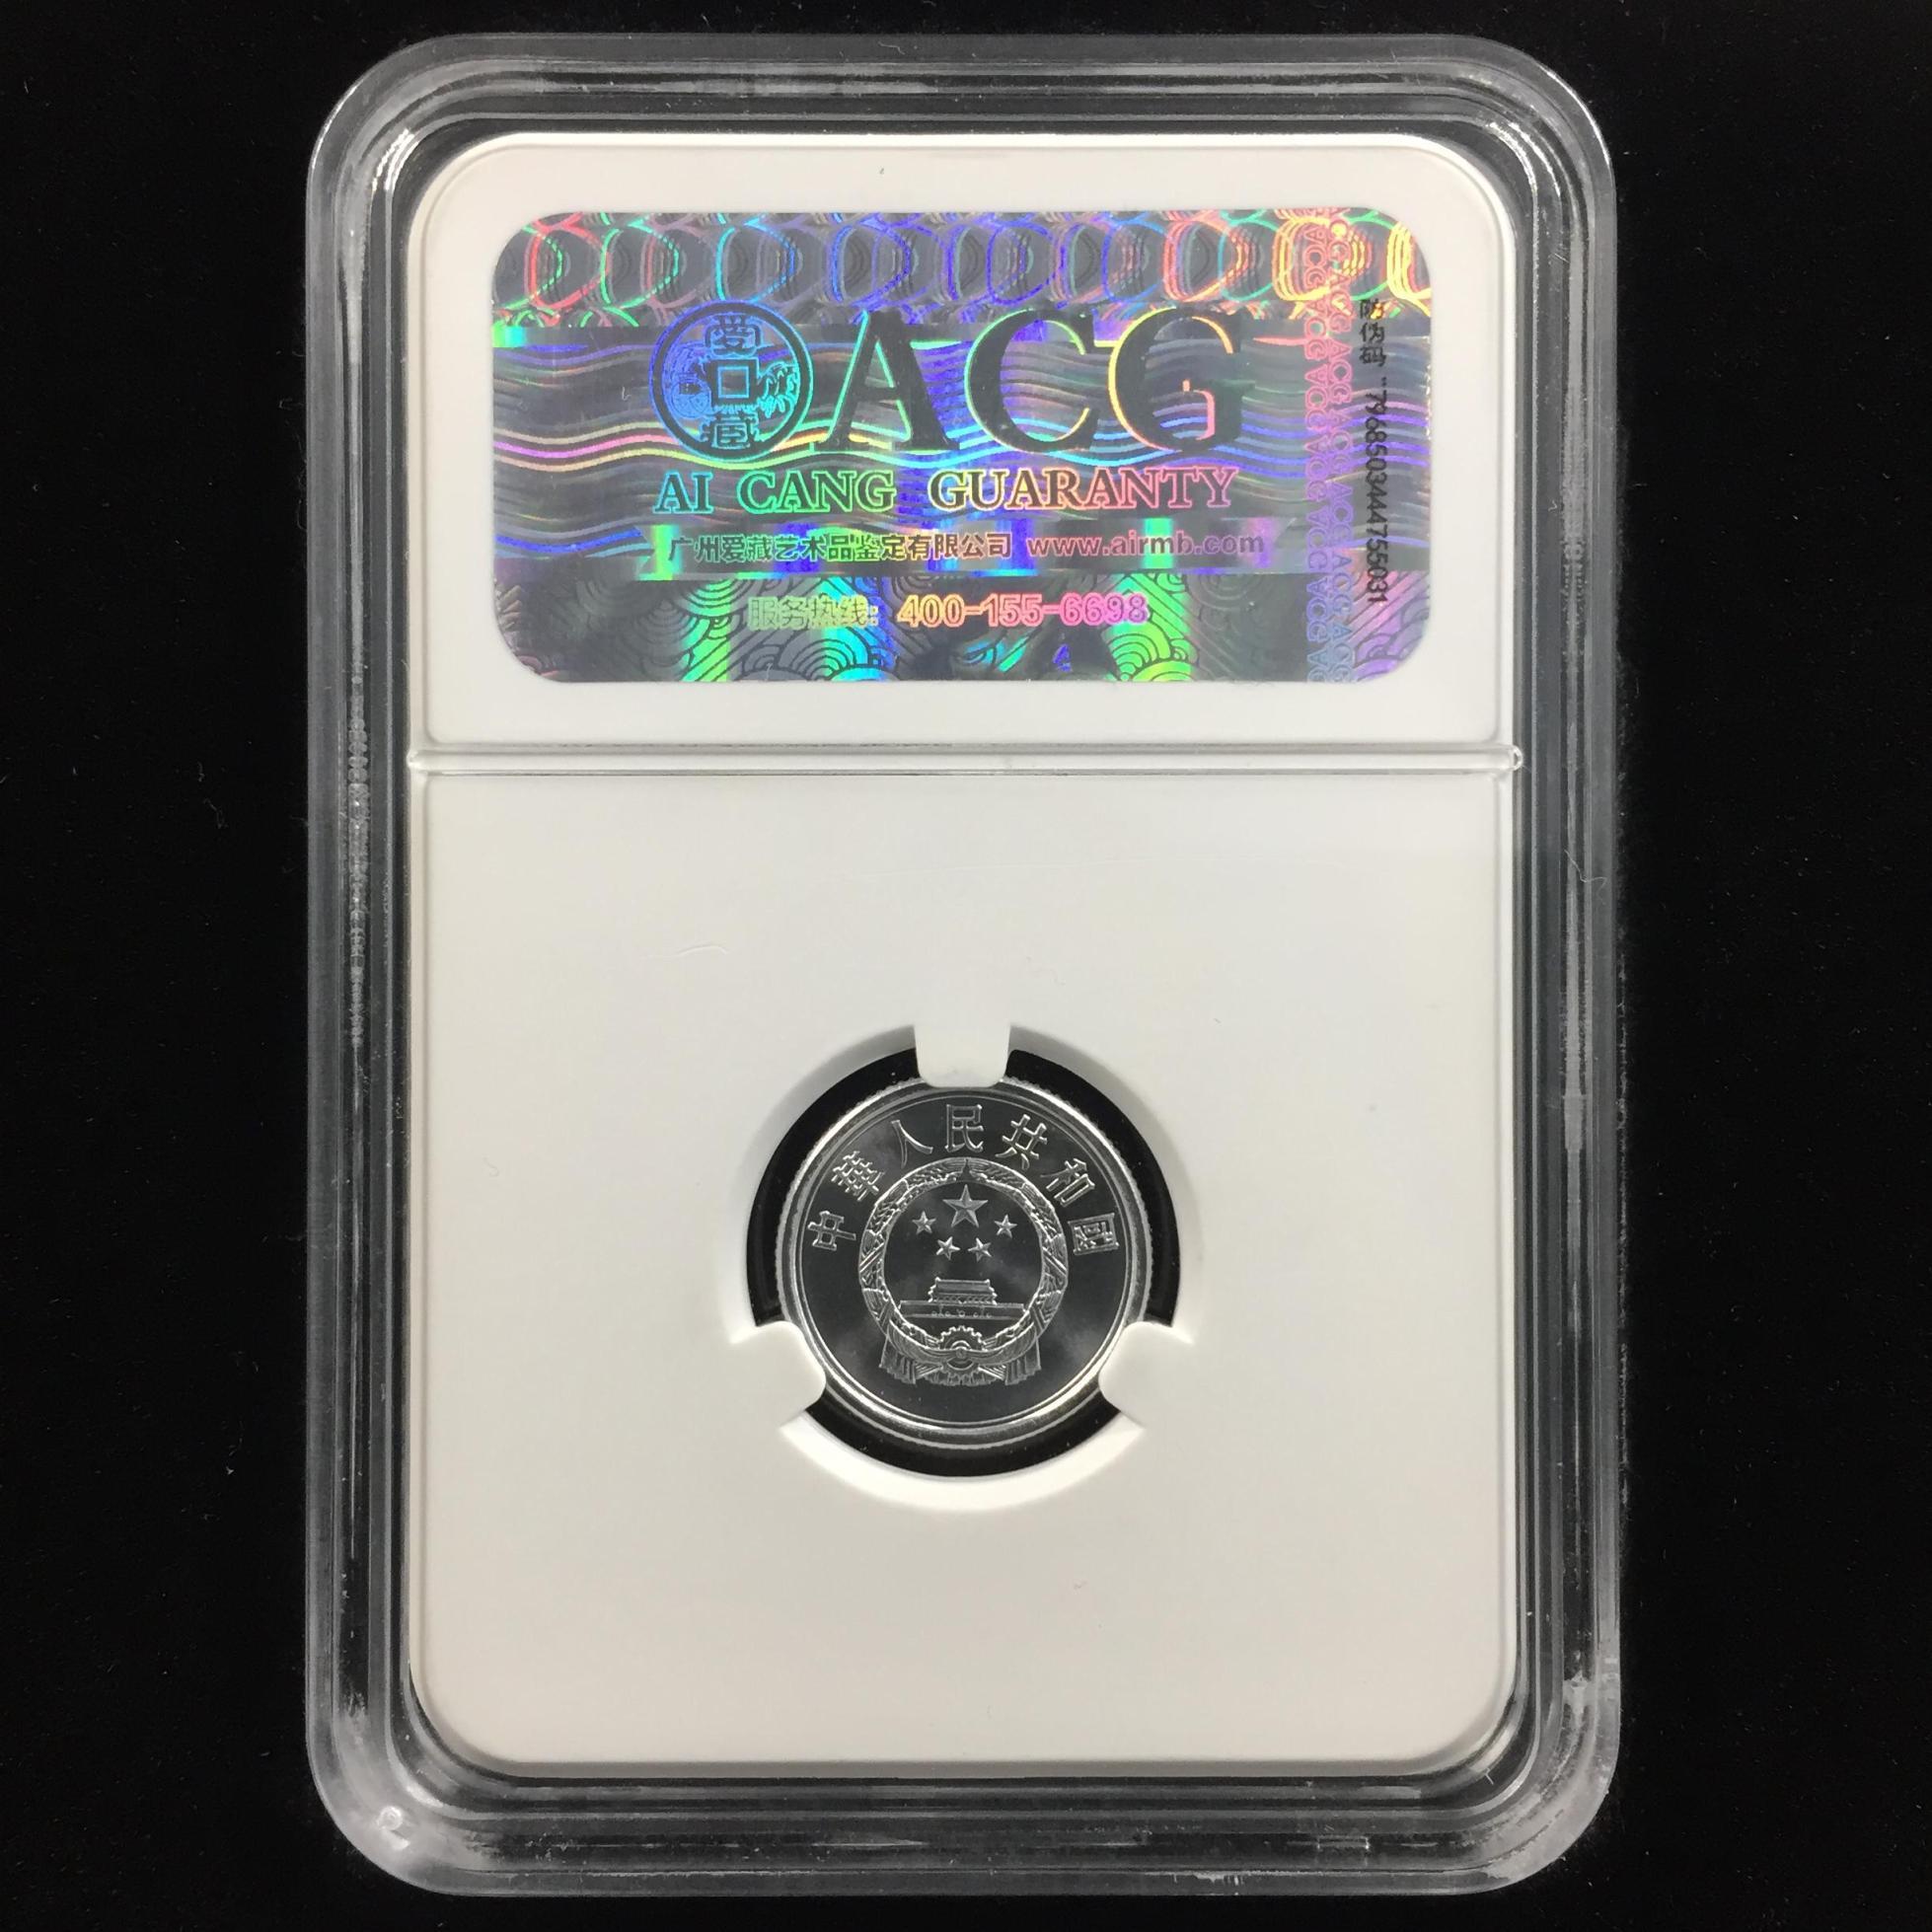 模裂币→2007年1分硬币→ACG鉴定证书-10768236